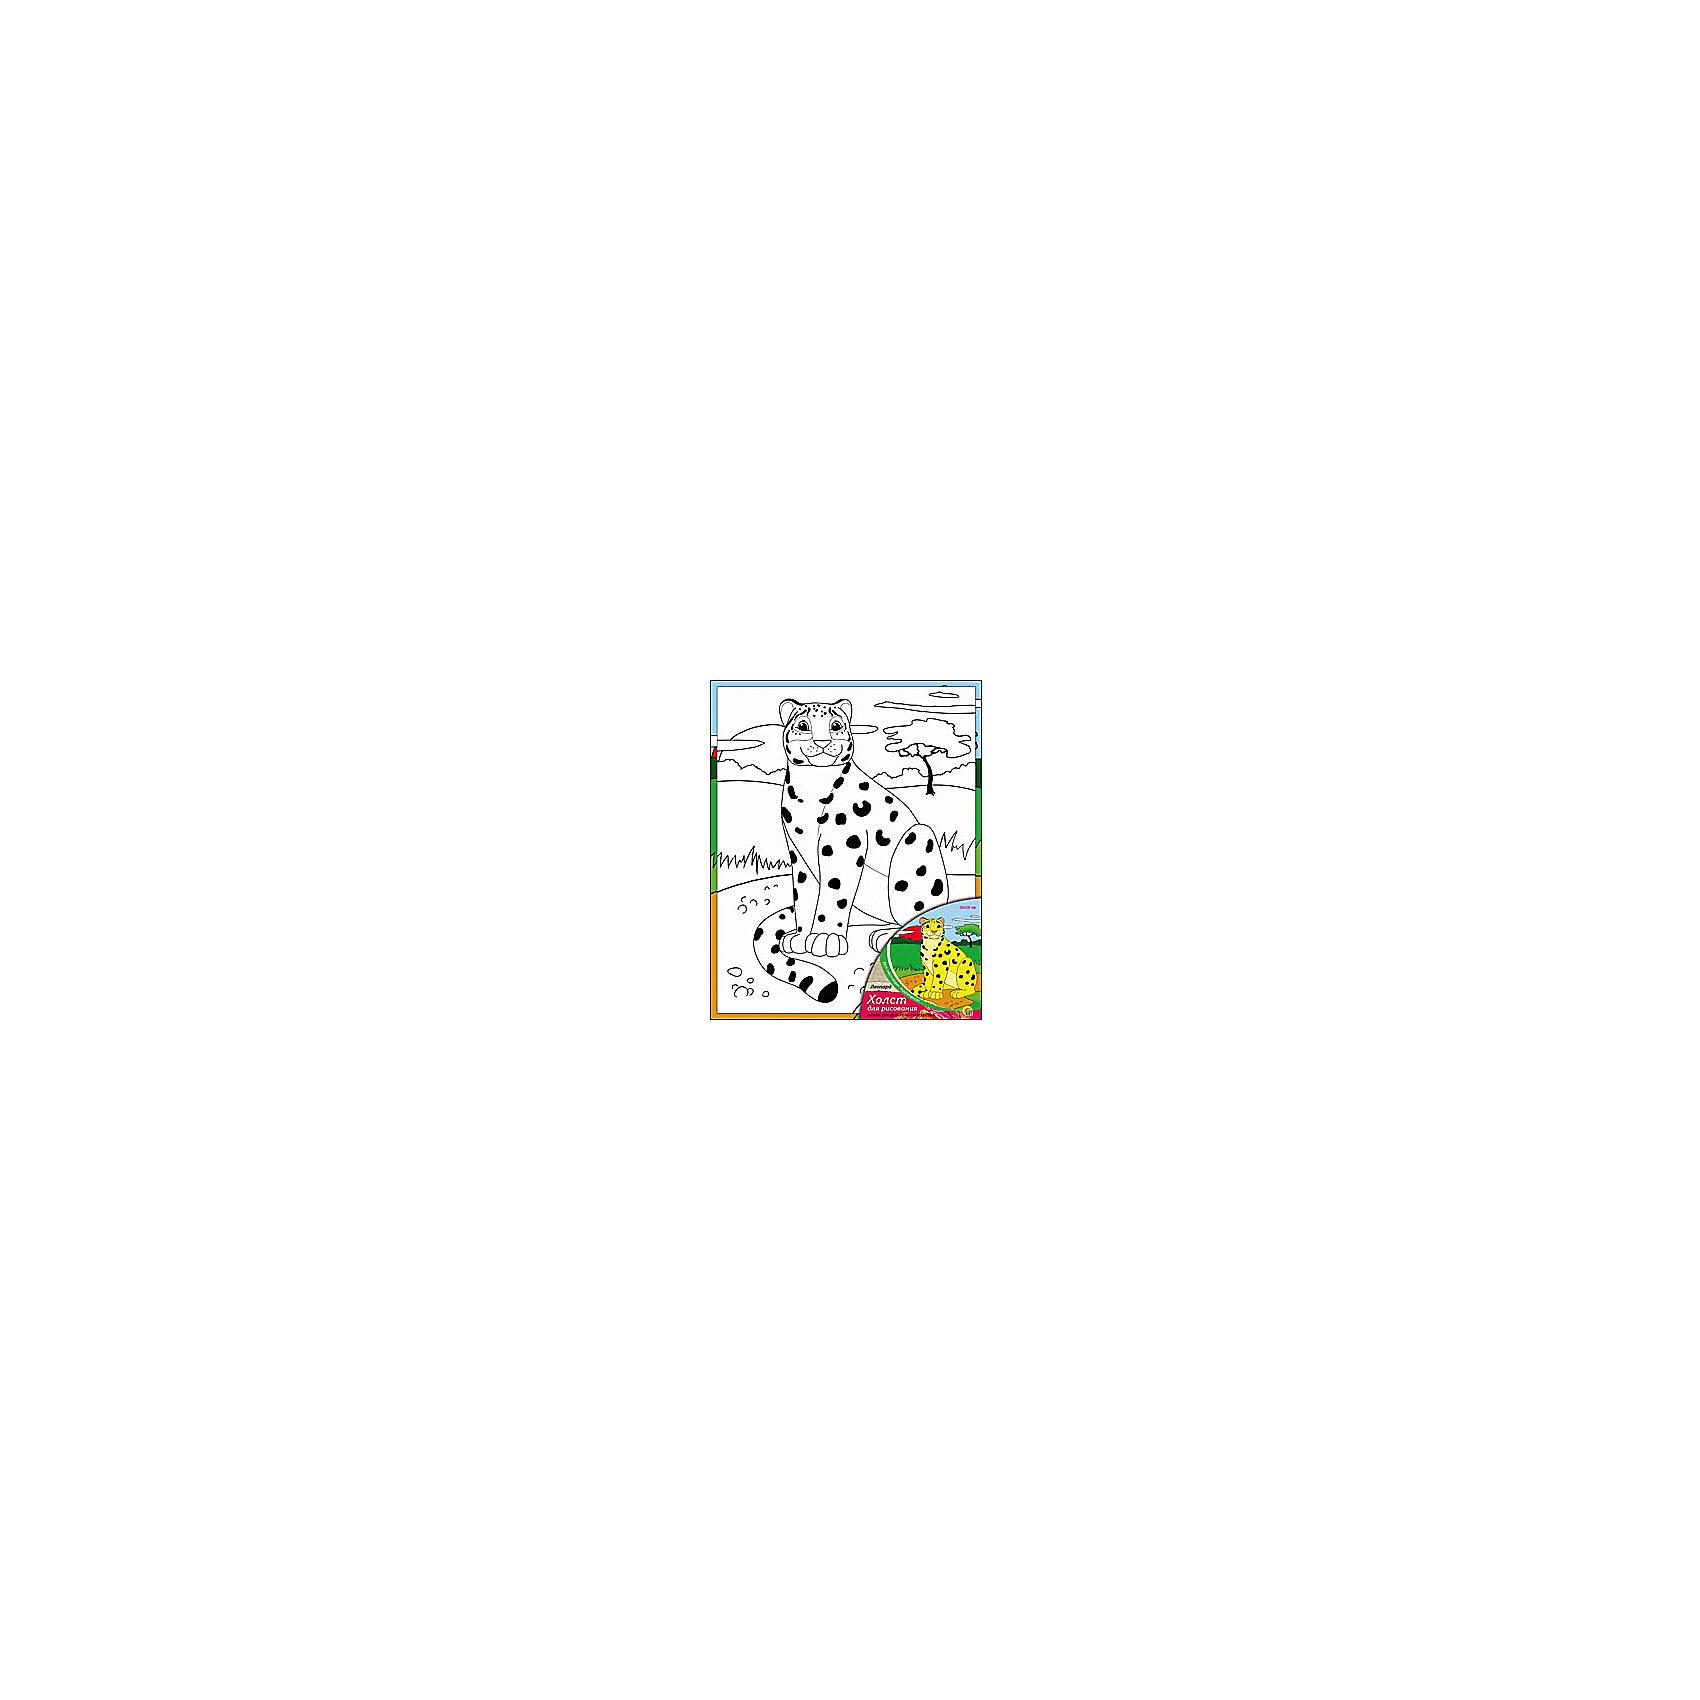 Холст с красками Леопард, 20х25 смХолст с красками Леопард - прекрасный подарок детям, которые любят рисовать. В наборе вы найдете всё, что нужно для детского творчества: холст с эскизом, яркие краски и кисточка. Готовую картинку можно подарить друзьям или украсить свою комнату!<br><br>Дополнительная информация:<br>В наборе: холст-эскиз, 7 акриловых красок, кисточка<br>Размер: 20х1,5х25 см<br>Вес: 210 грамм<br>Холст с красками Леопард можно купить в нашем интернет-магазине.<br><br>Ширина мм: 250<br>Глубина мм: 15<br>Высота мм: 200<br>Вес г: 210<br>Возраст от месяцев: 36<br>Возраст до месяцев: 120<br>Пол: Унисекс<br>Возраст: Детский<br>SKU: 4939520